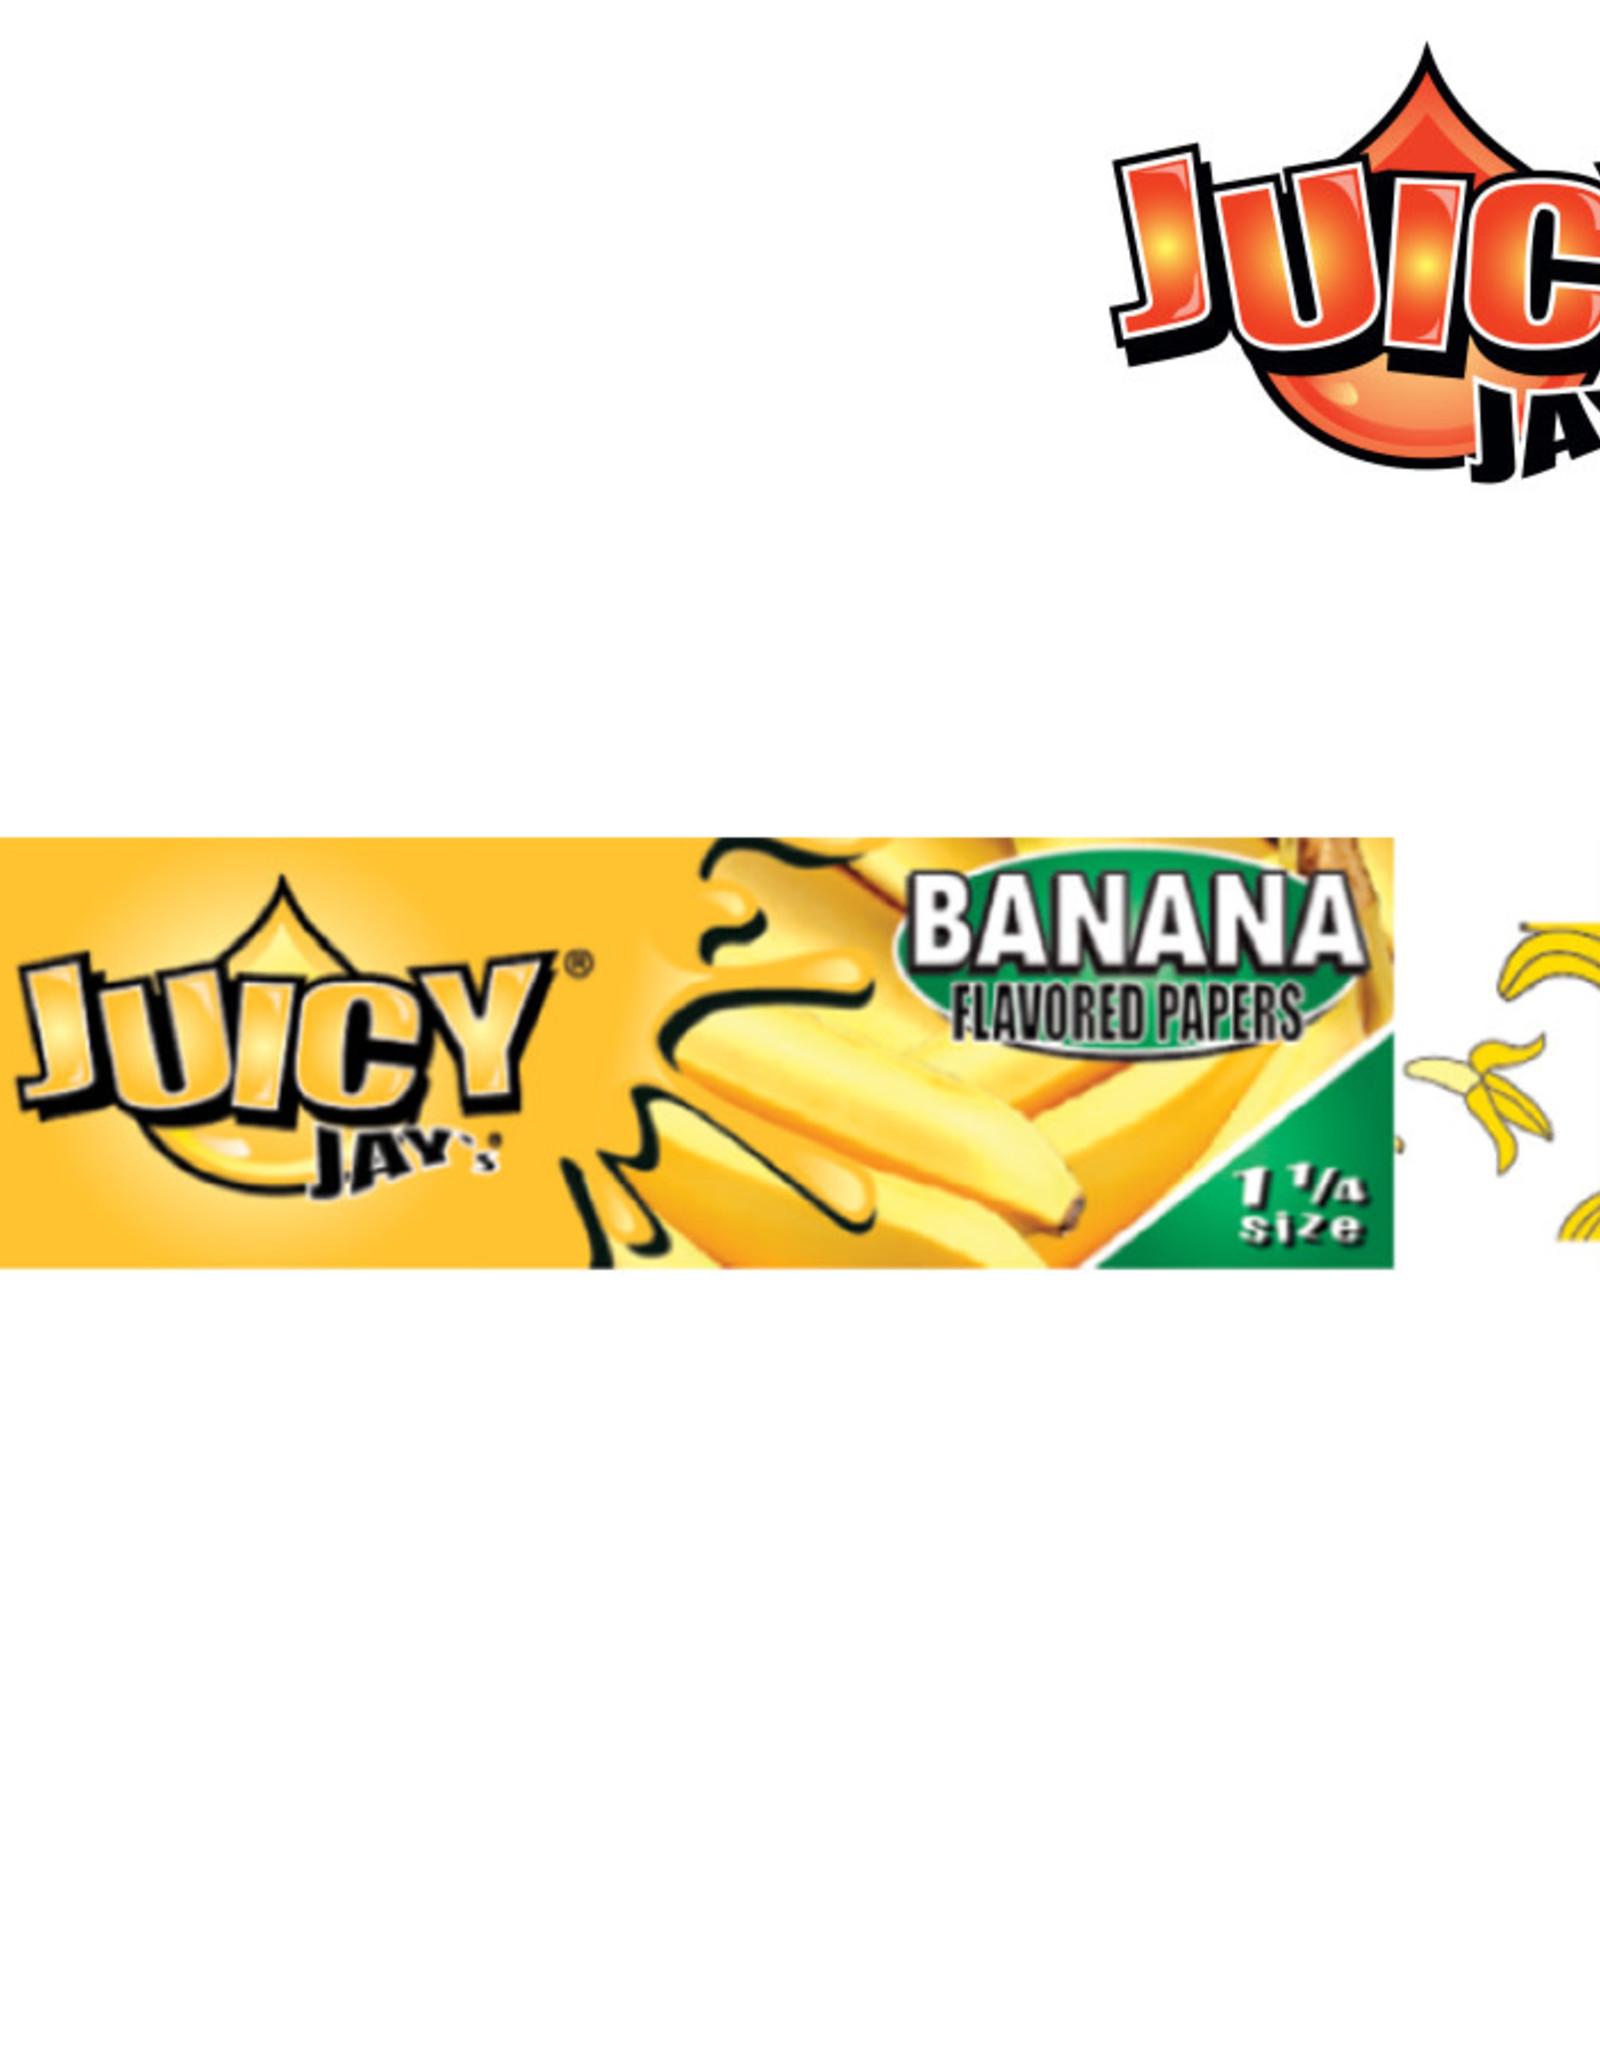 Juicy Jays's Juicy Jays Banana 1 1/4